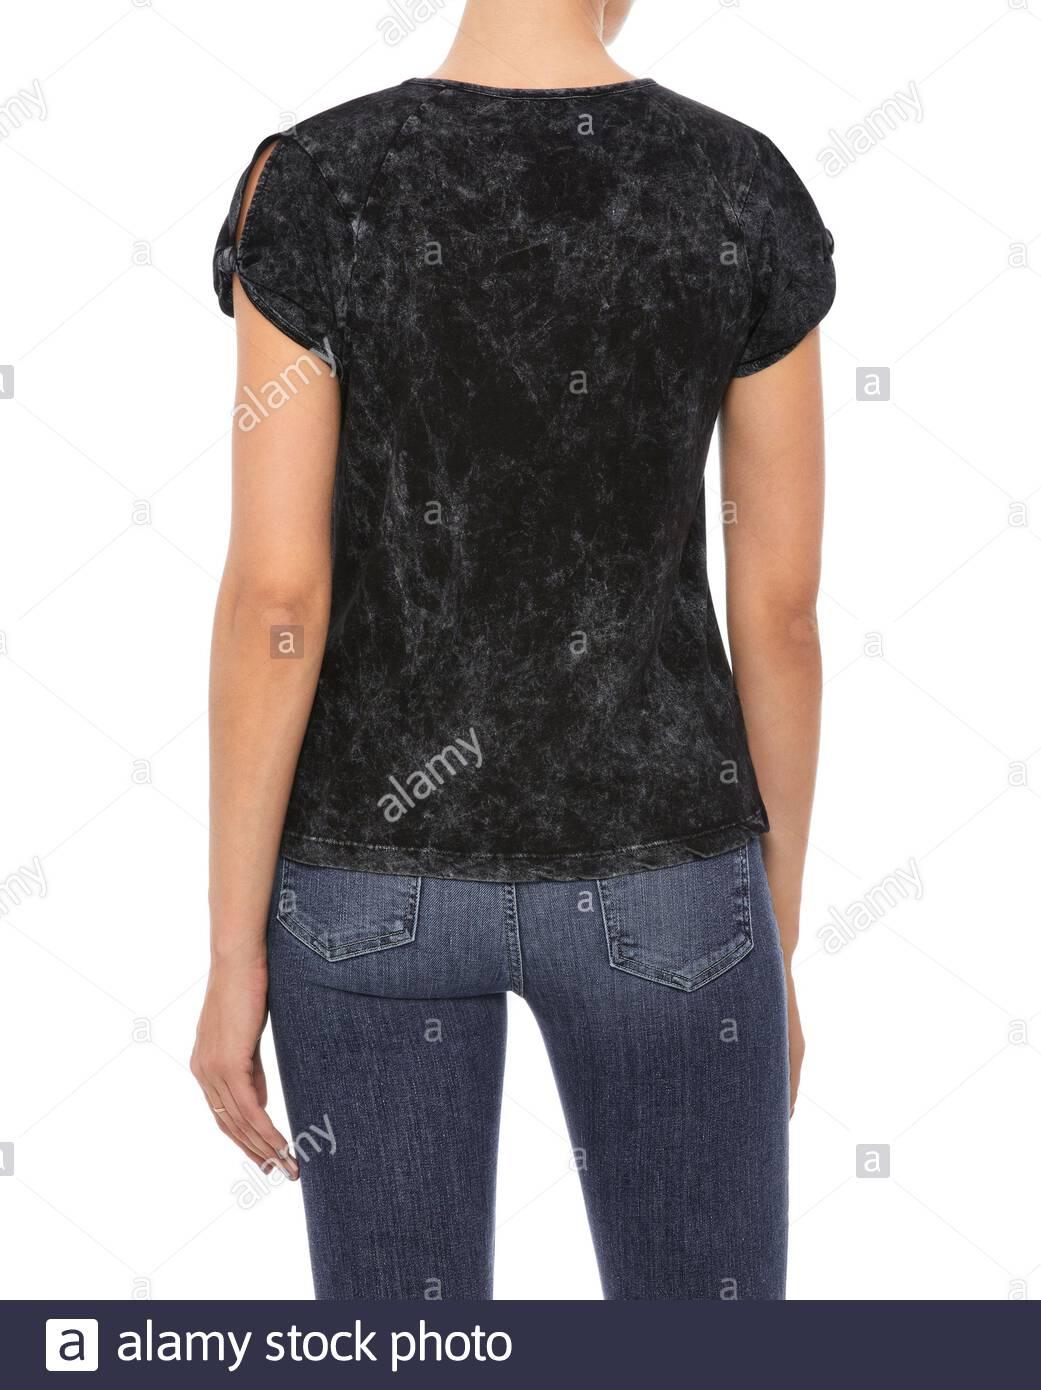 Camiseta de manga corta negra mujer ropa, camiseta gris para mujer emparejado con azul oscuro mezclilla recortada y fondo blanco, la mujer negra de cuello redondo T-S Foto de stock